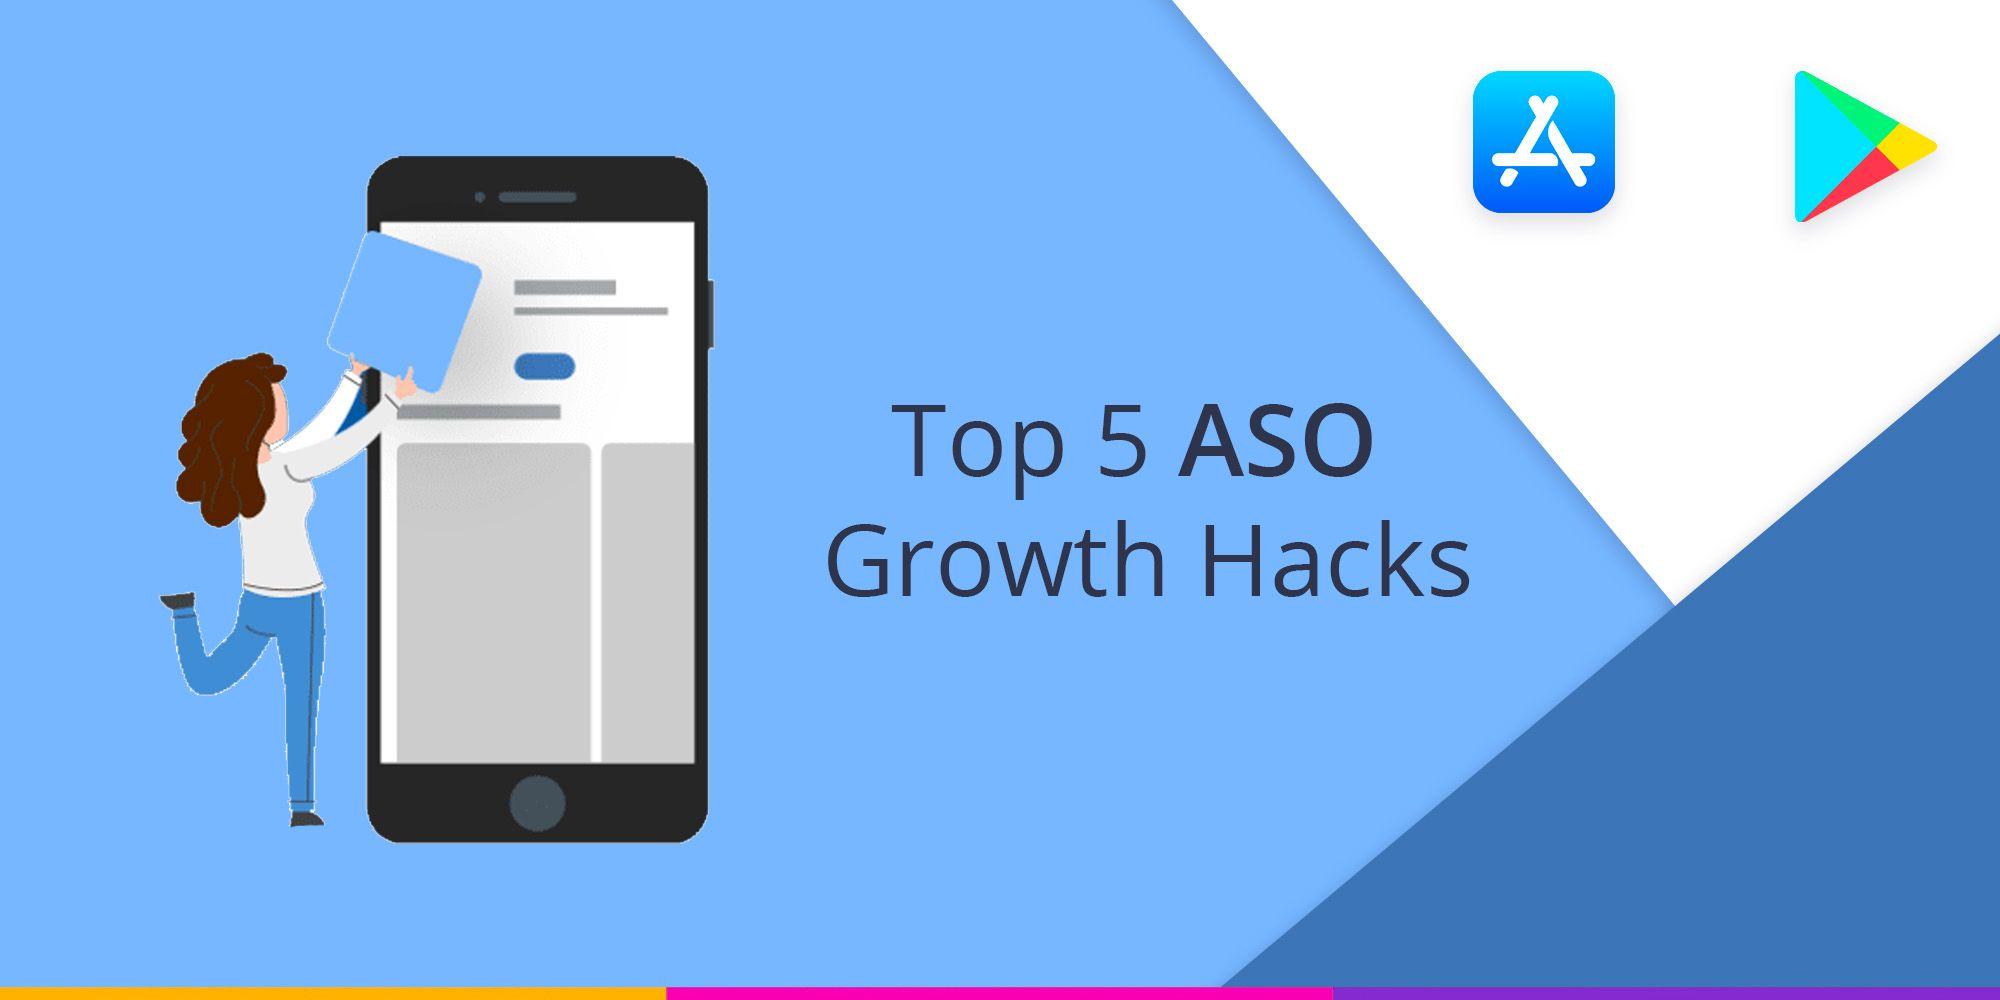 Top 5 ASO Growth Hacks 2020